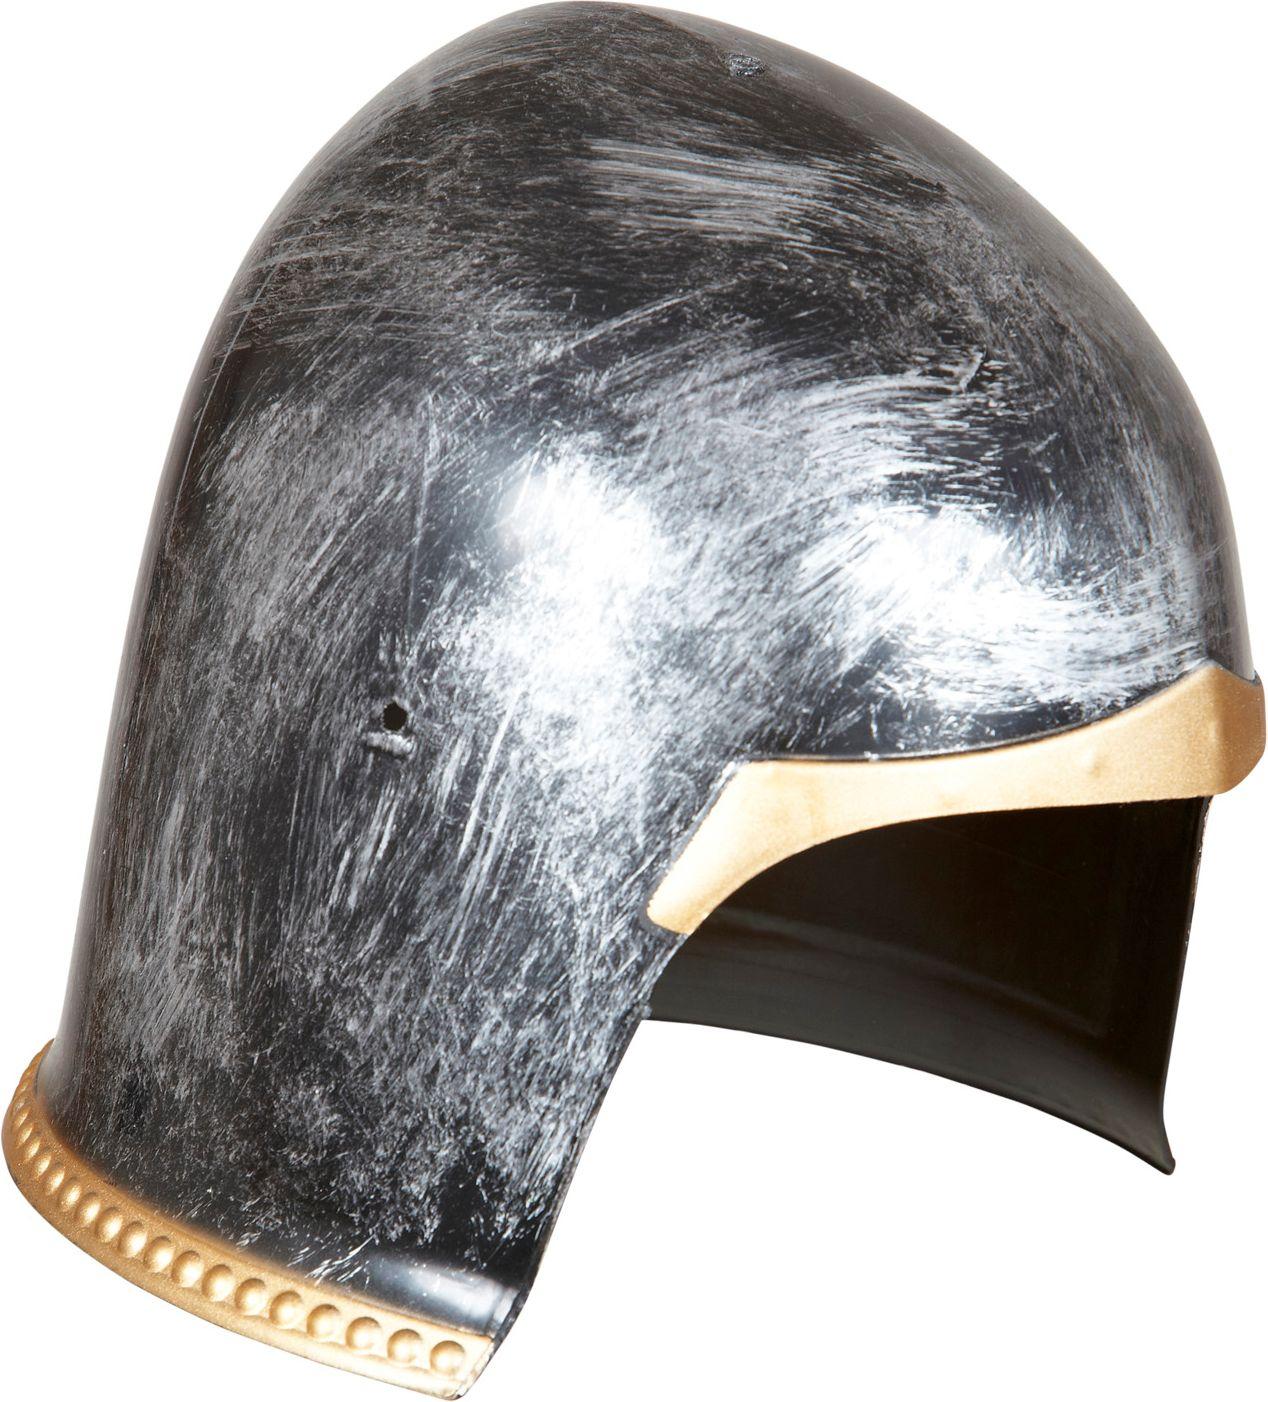 Gevechtshelm middeleeuwen